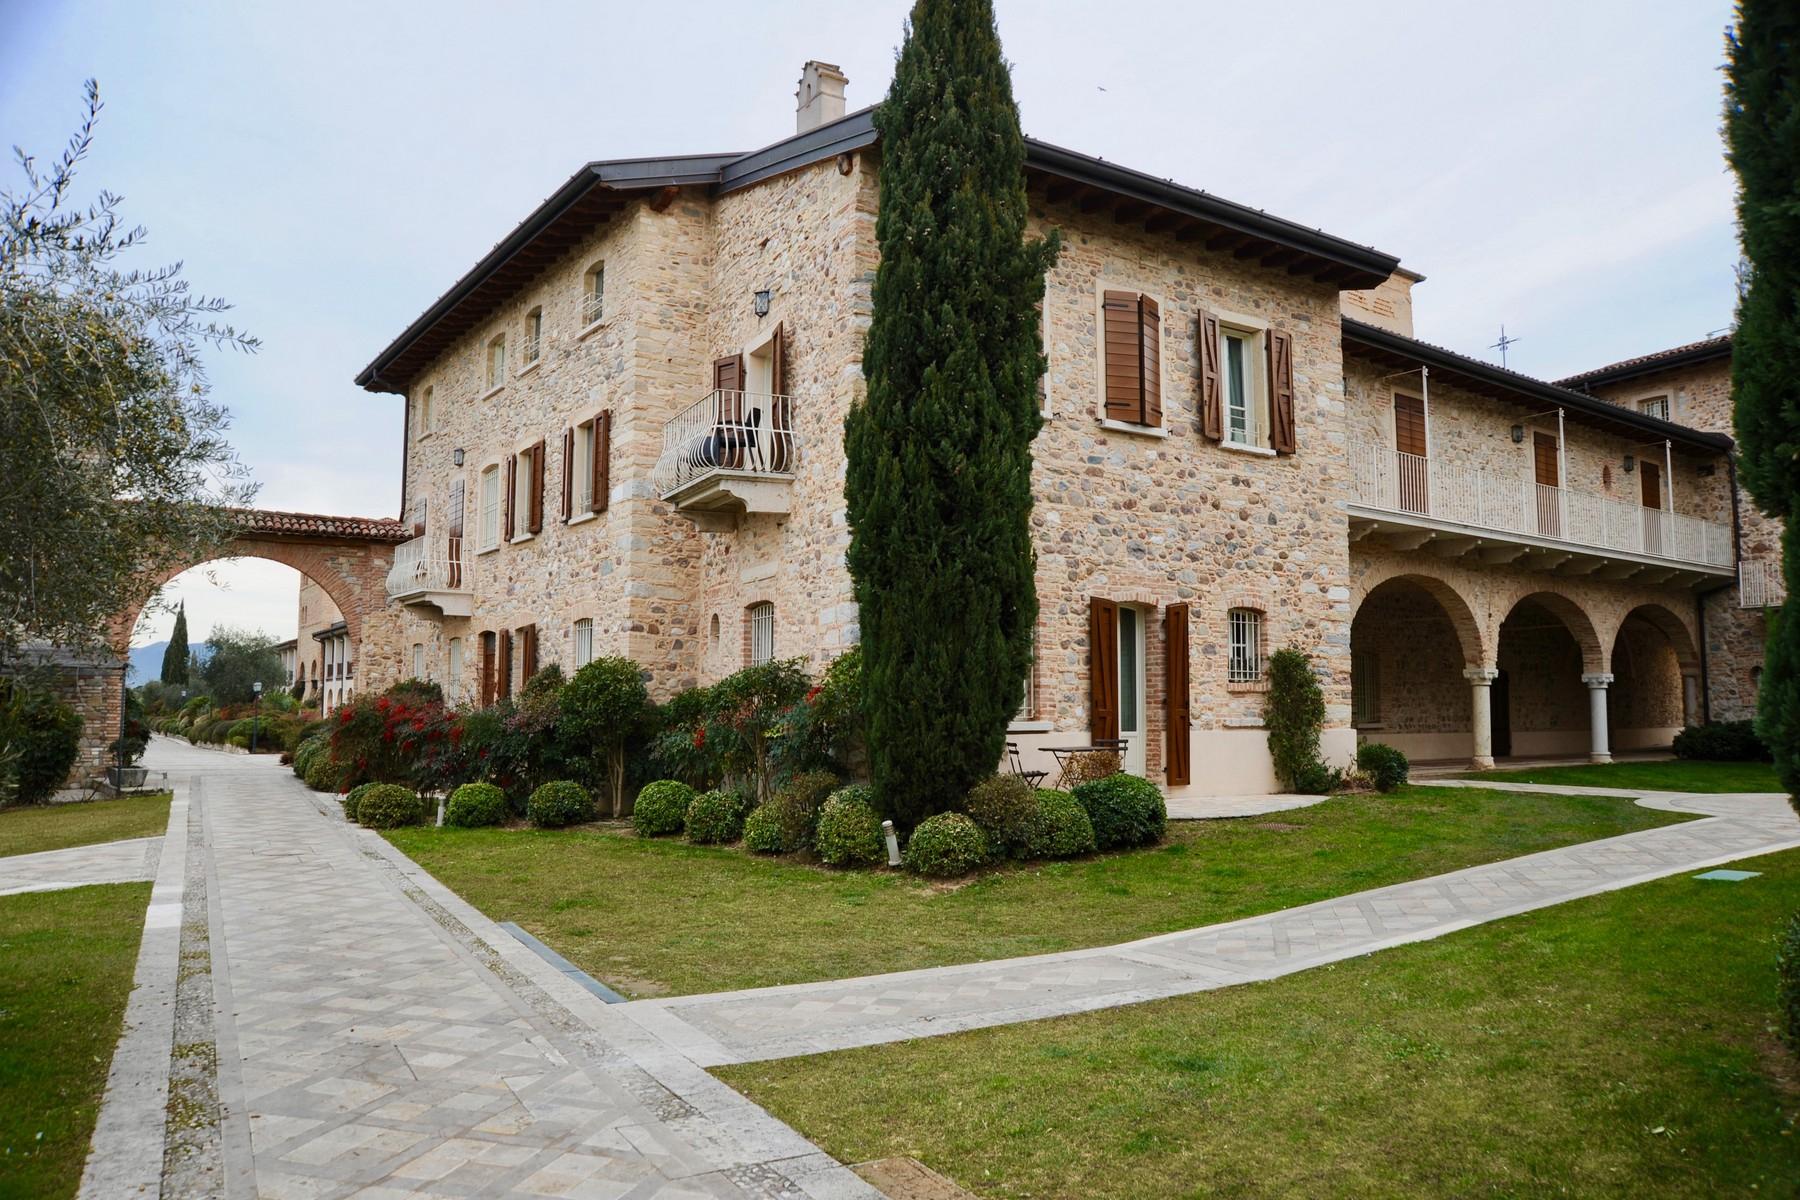 Appartamento in Vendita a Pozzolengo:  4 locali, 61 mq  - Foto 1